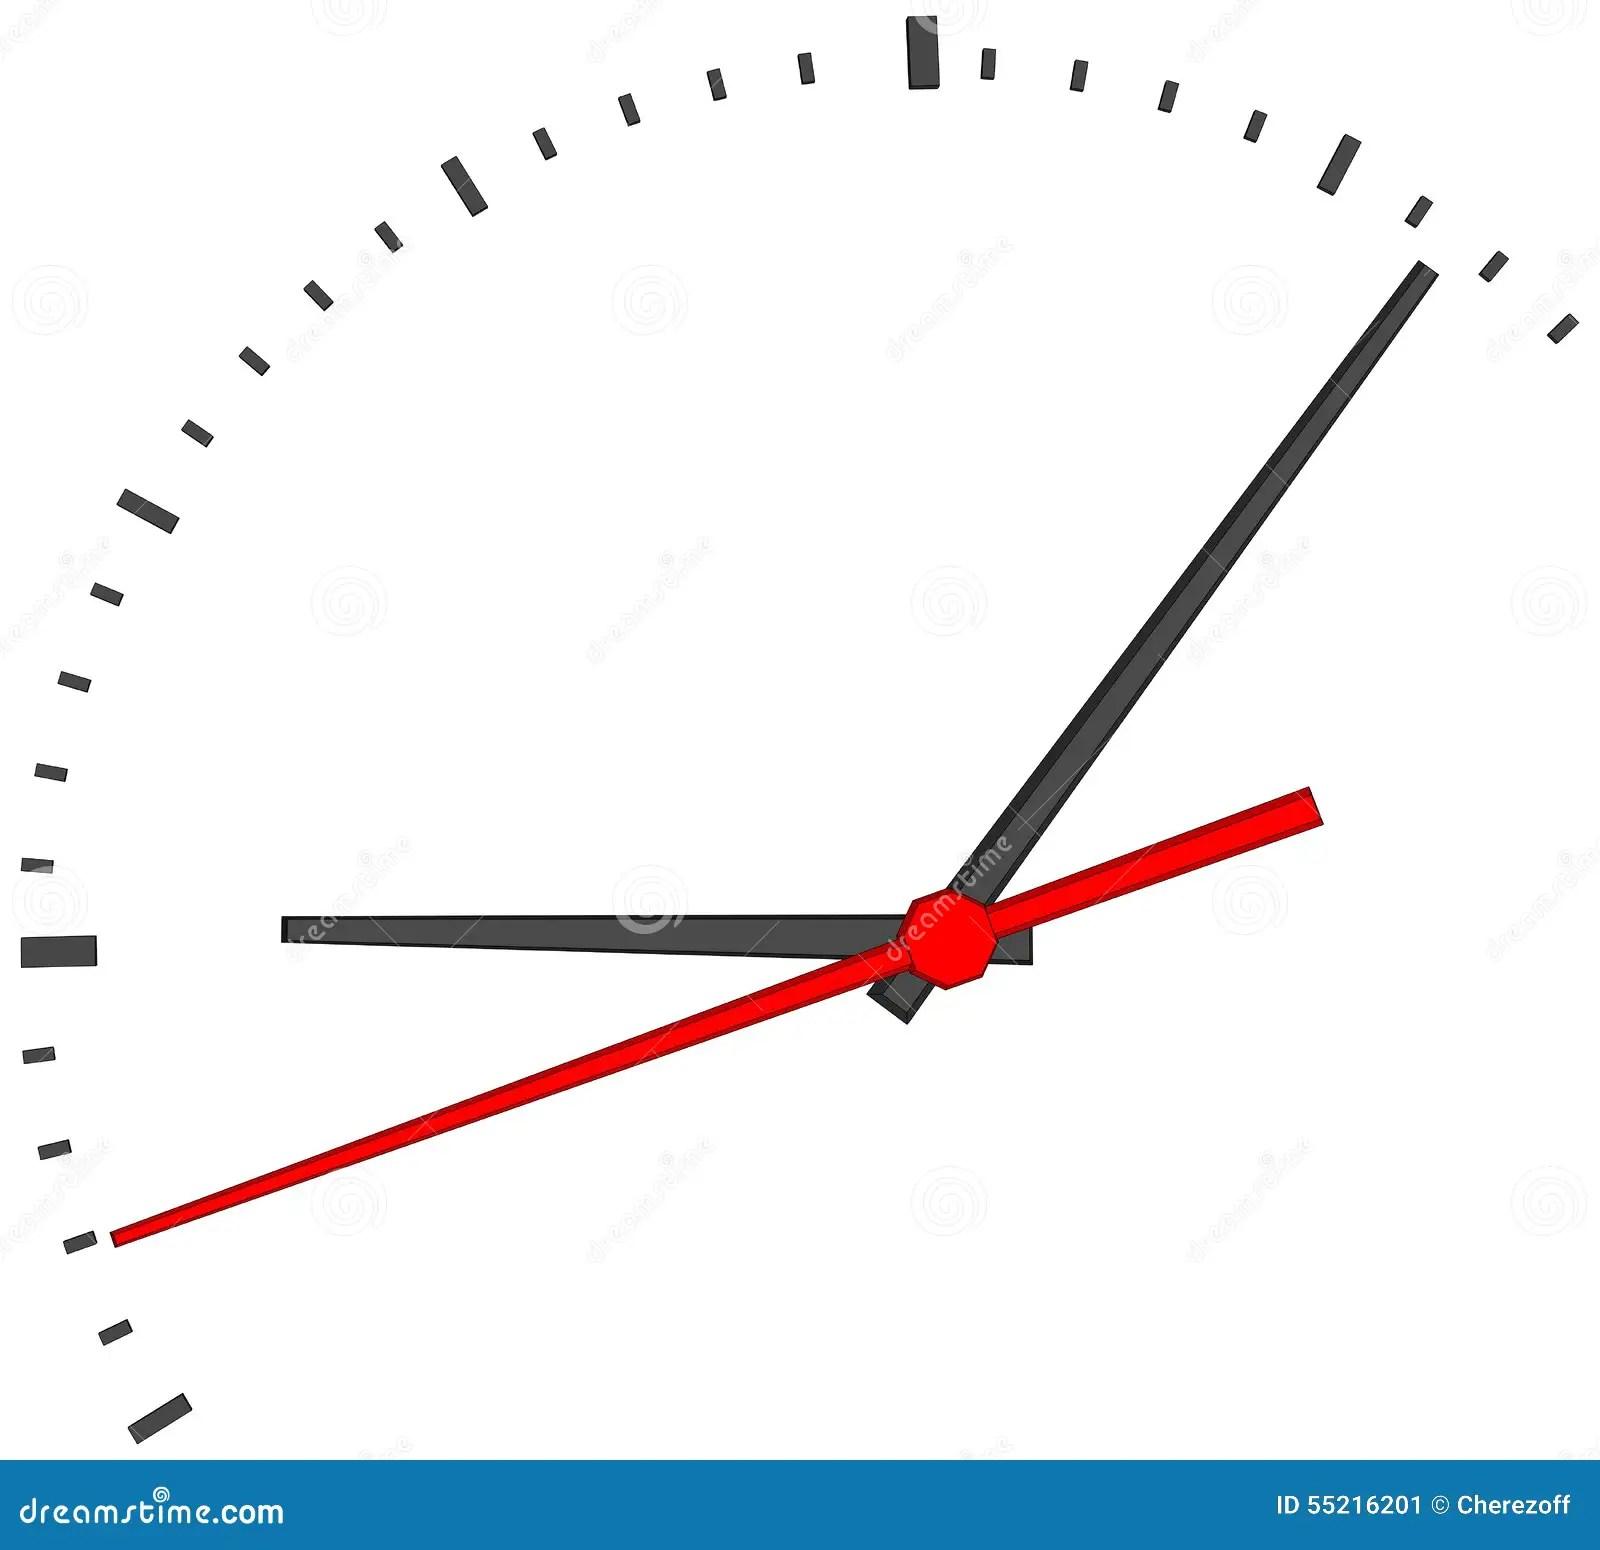 A Red Clock